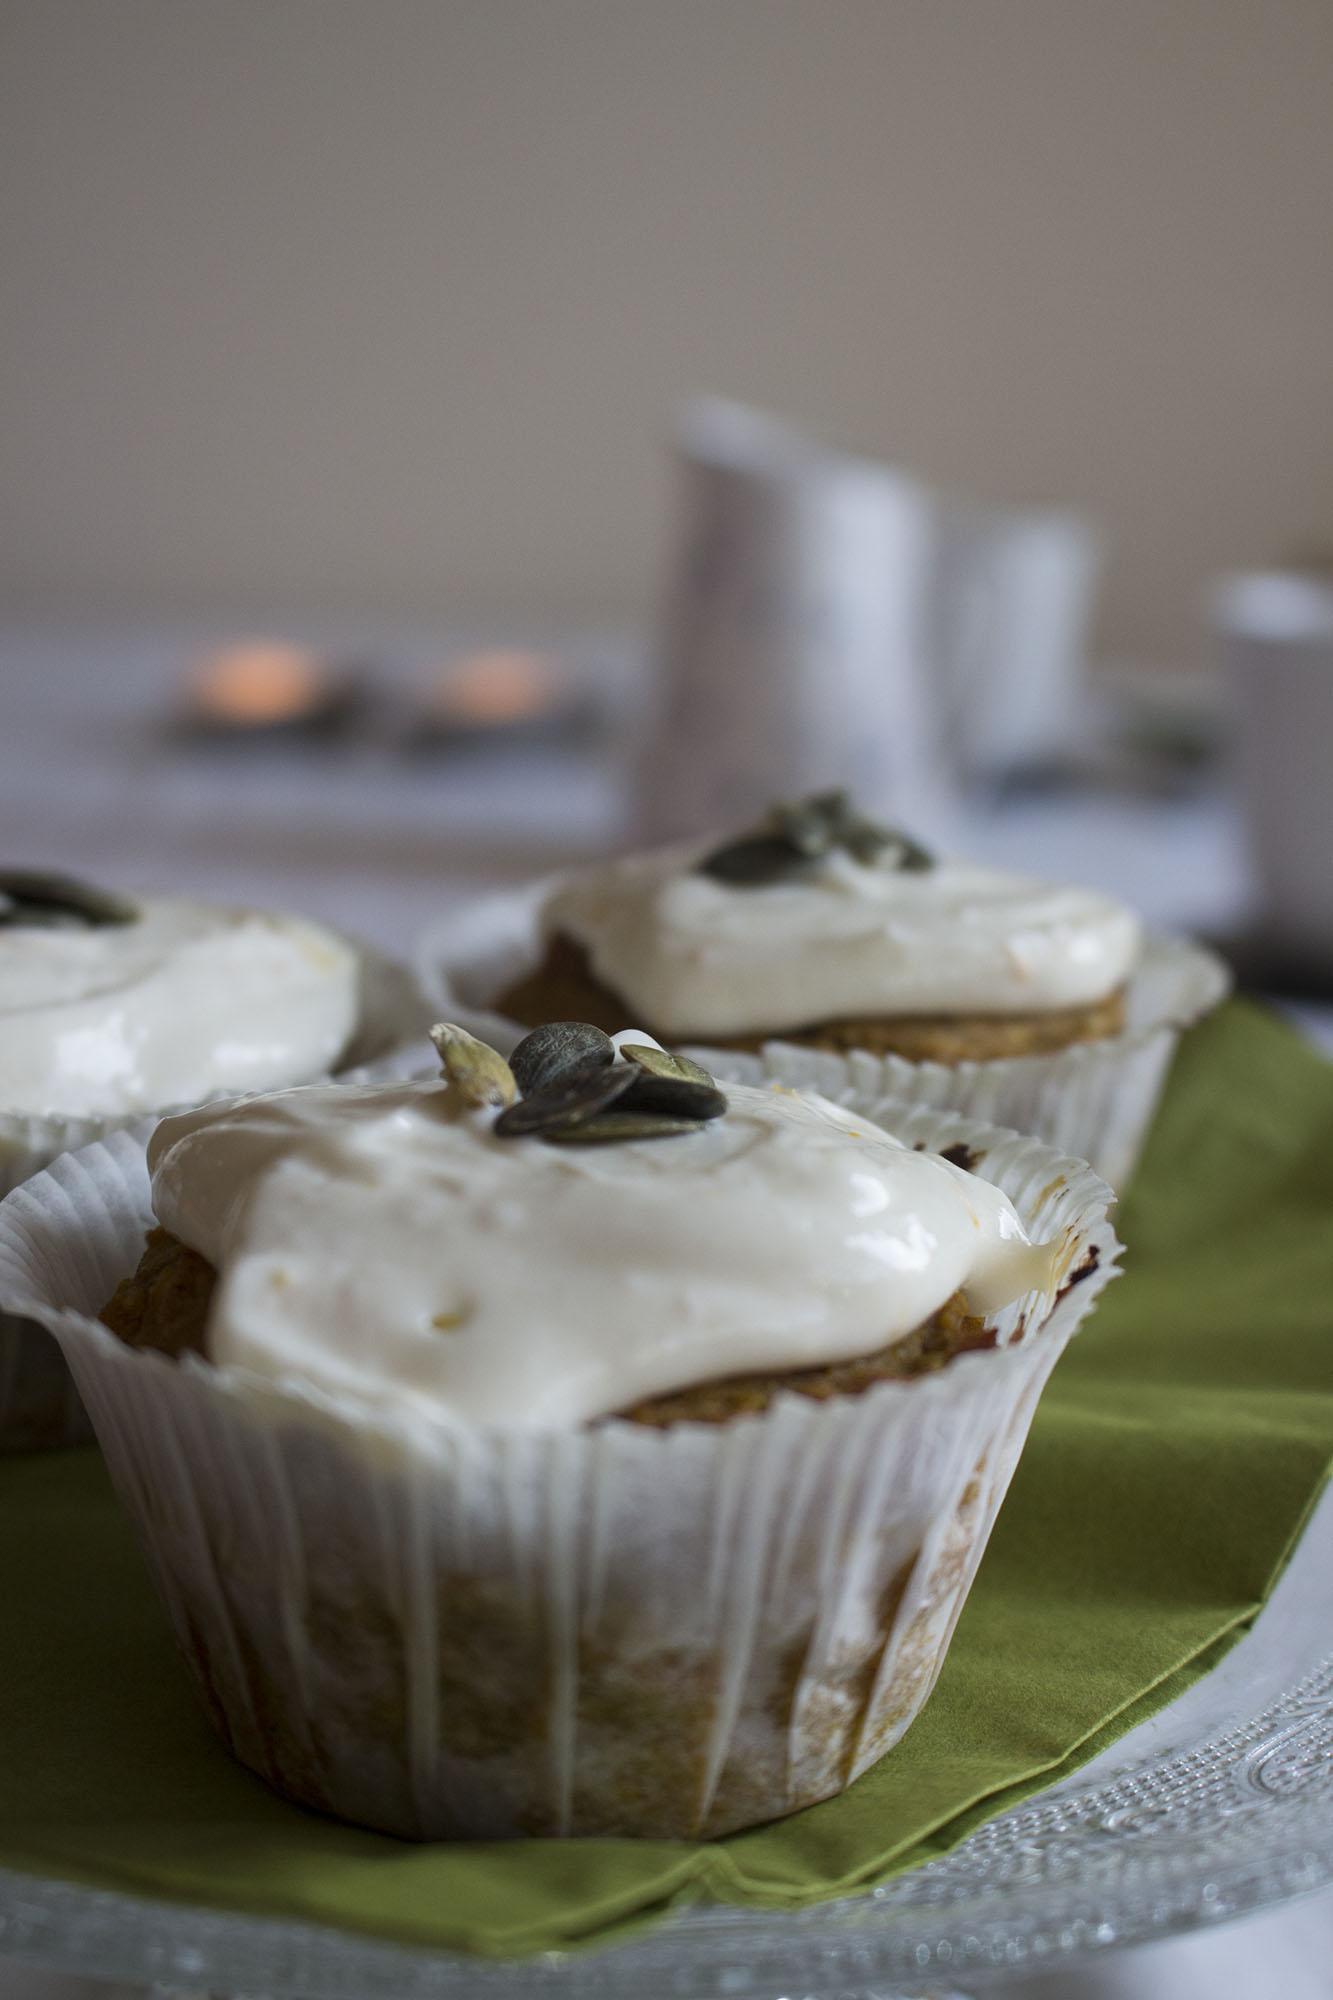 Mini sukkerprint med Frost 2 fra Disney til flotte cupcakes.